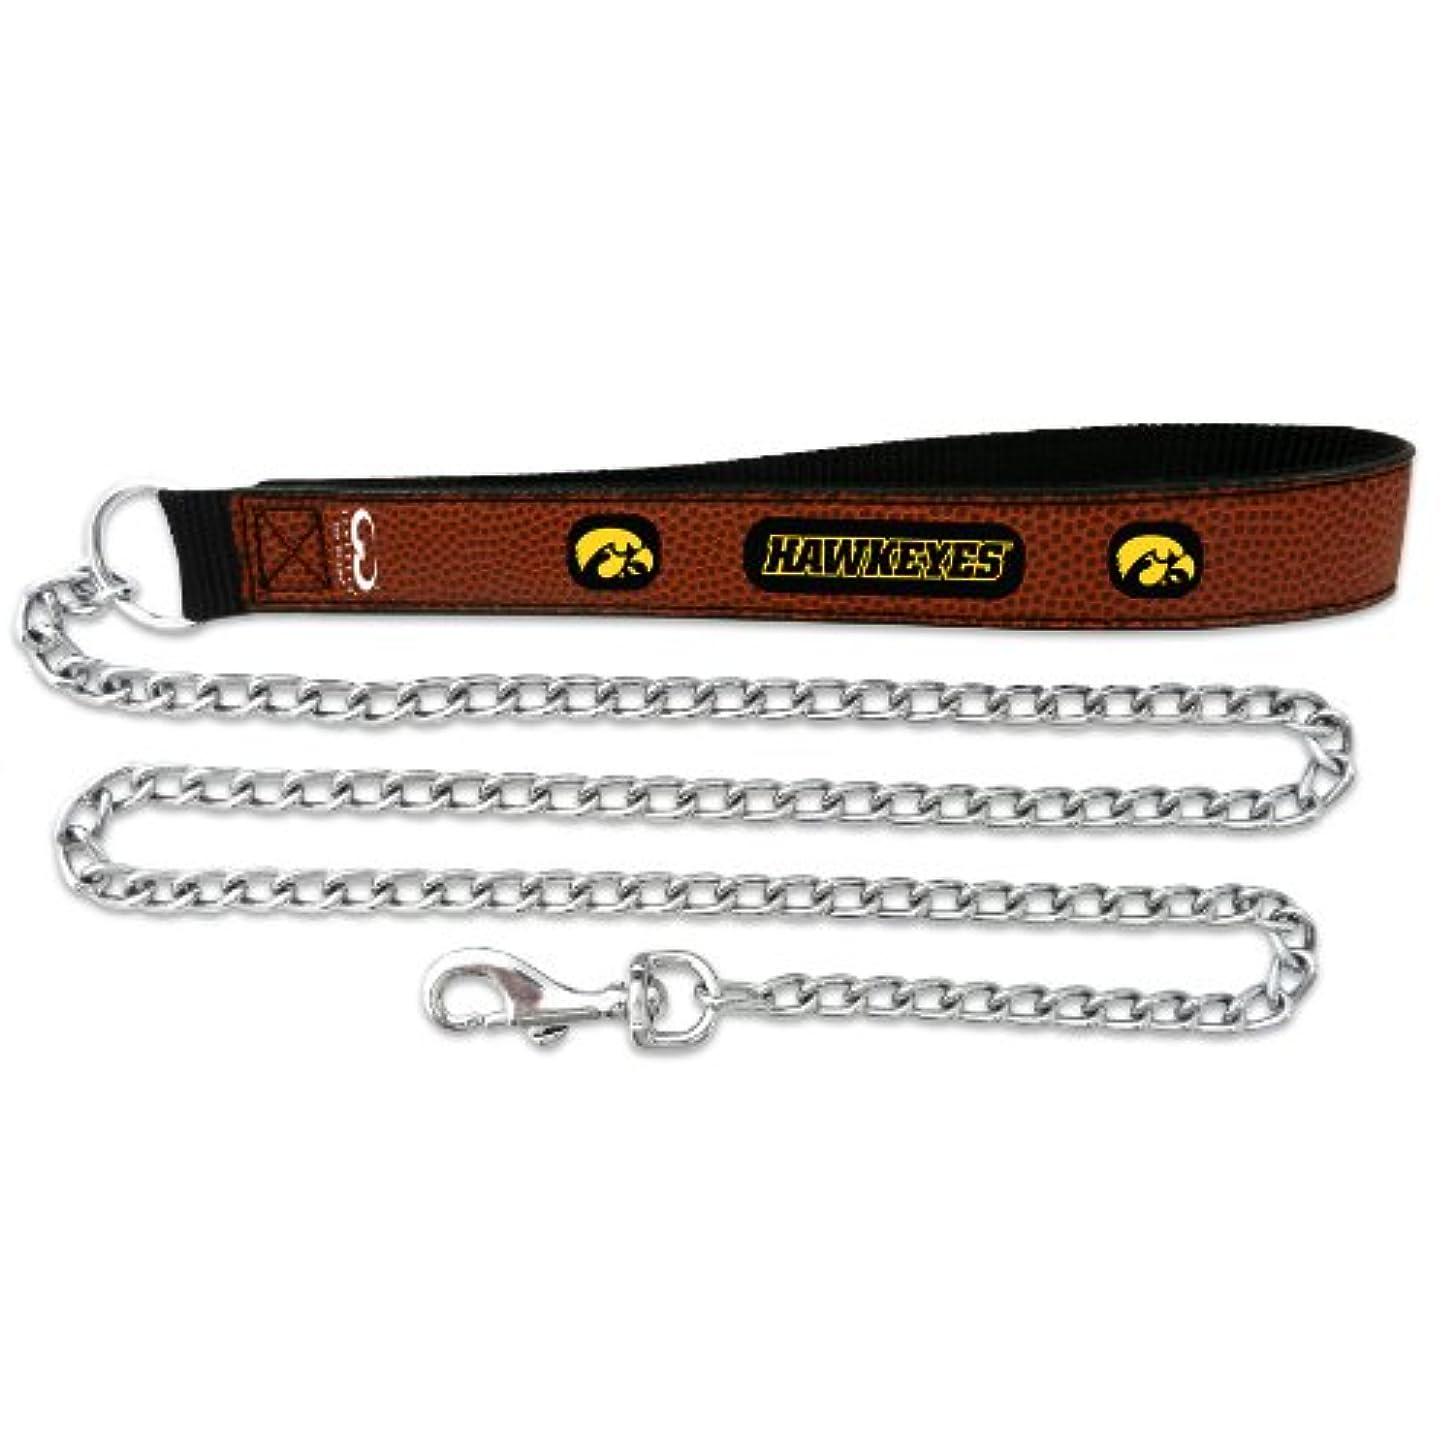 憲法ガイドライン裂け目Iowa Hawkeyes Football Leather 2.5mm Chain Leash - M